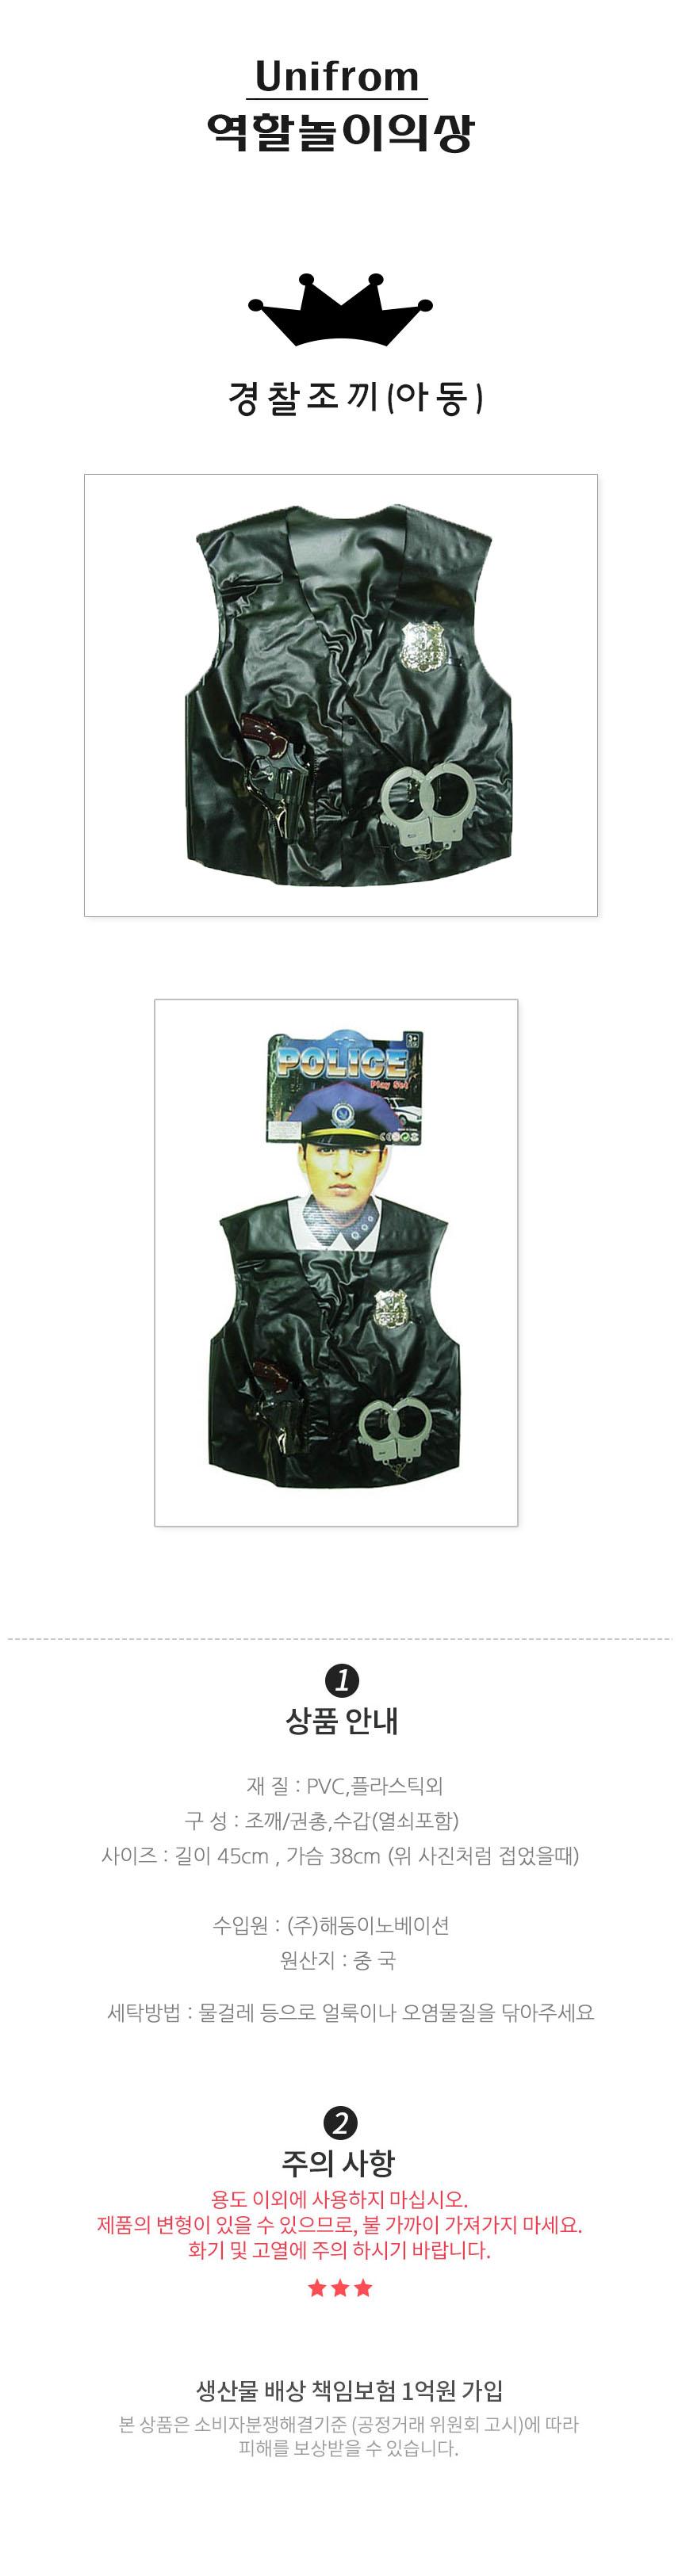 경찰조끼(아동용) - 파티클럽, 8,200원, 파티용품, 할로윈 파티